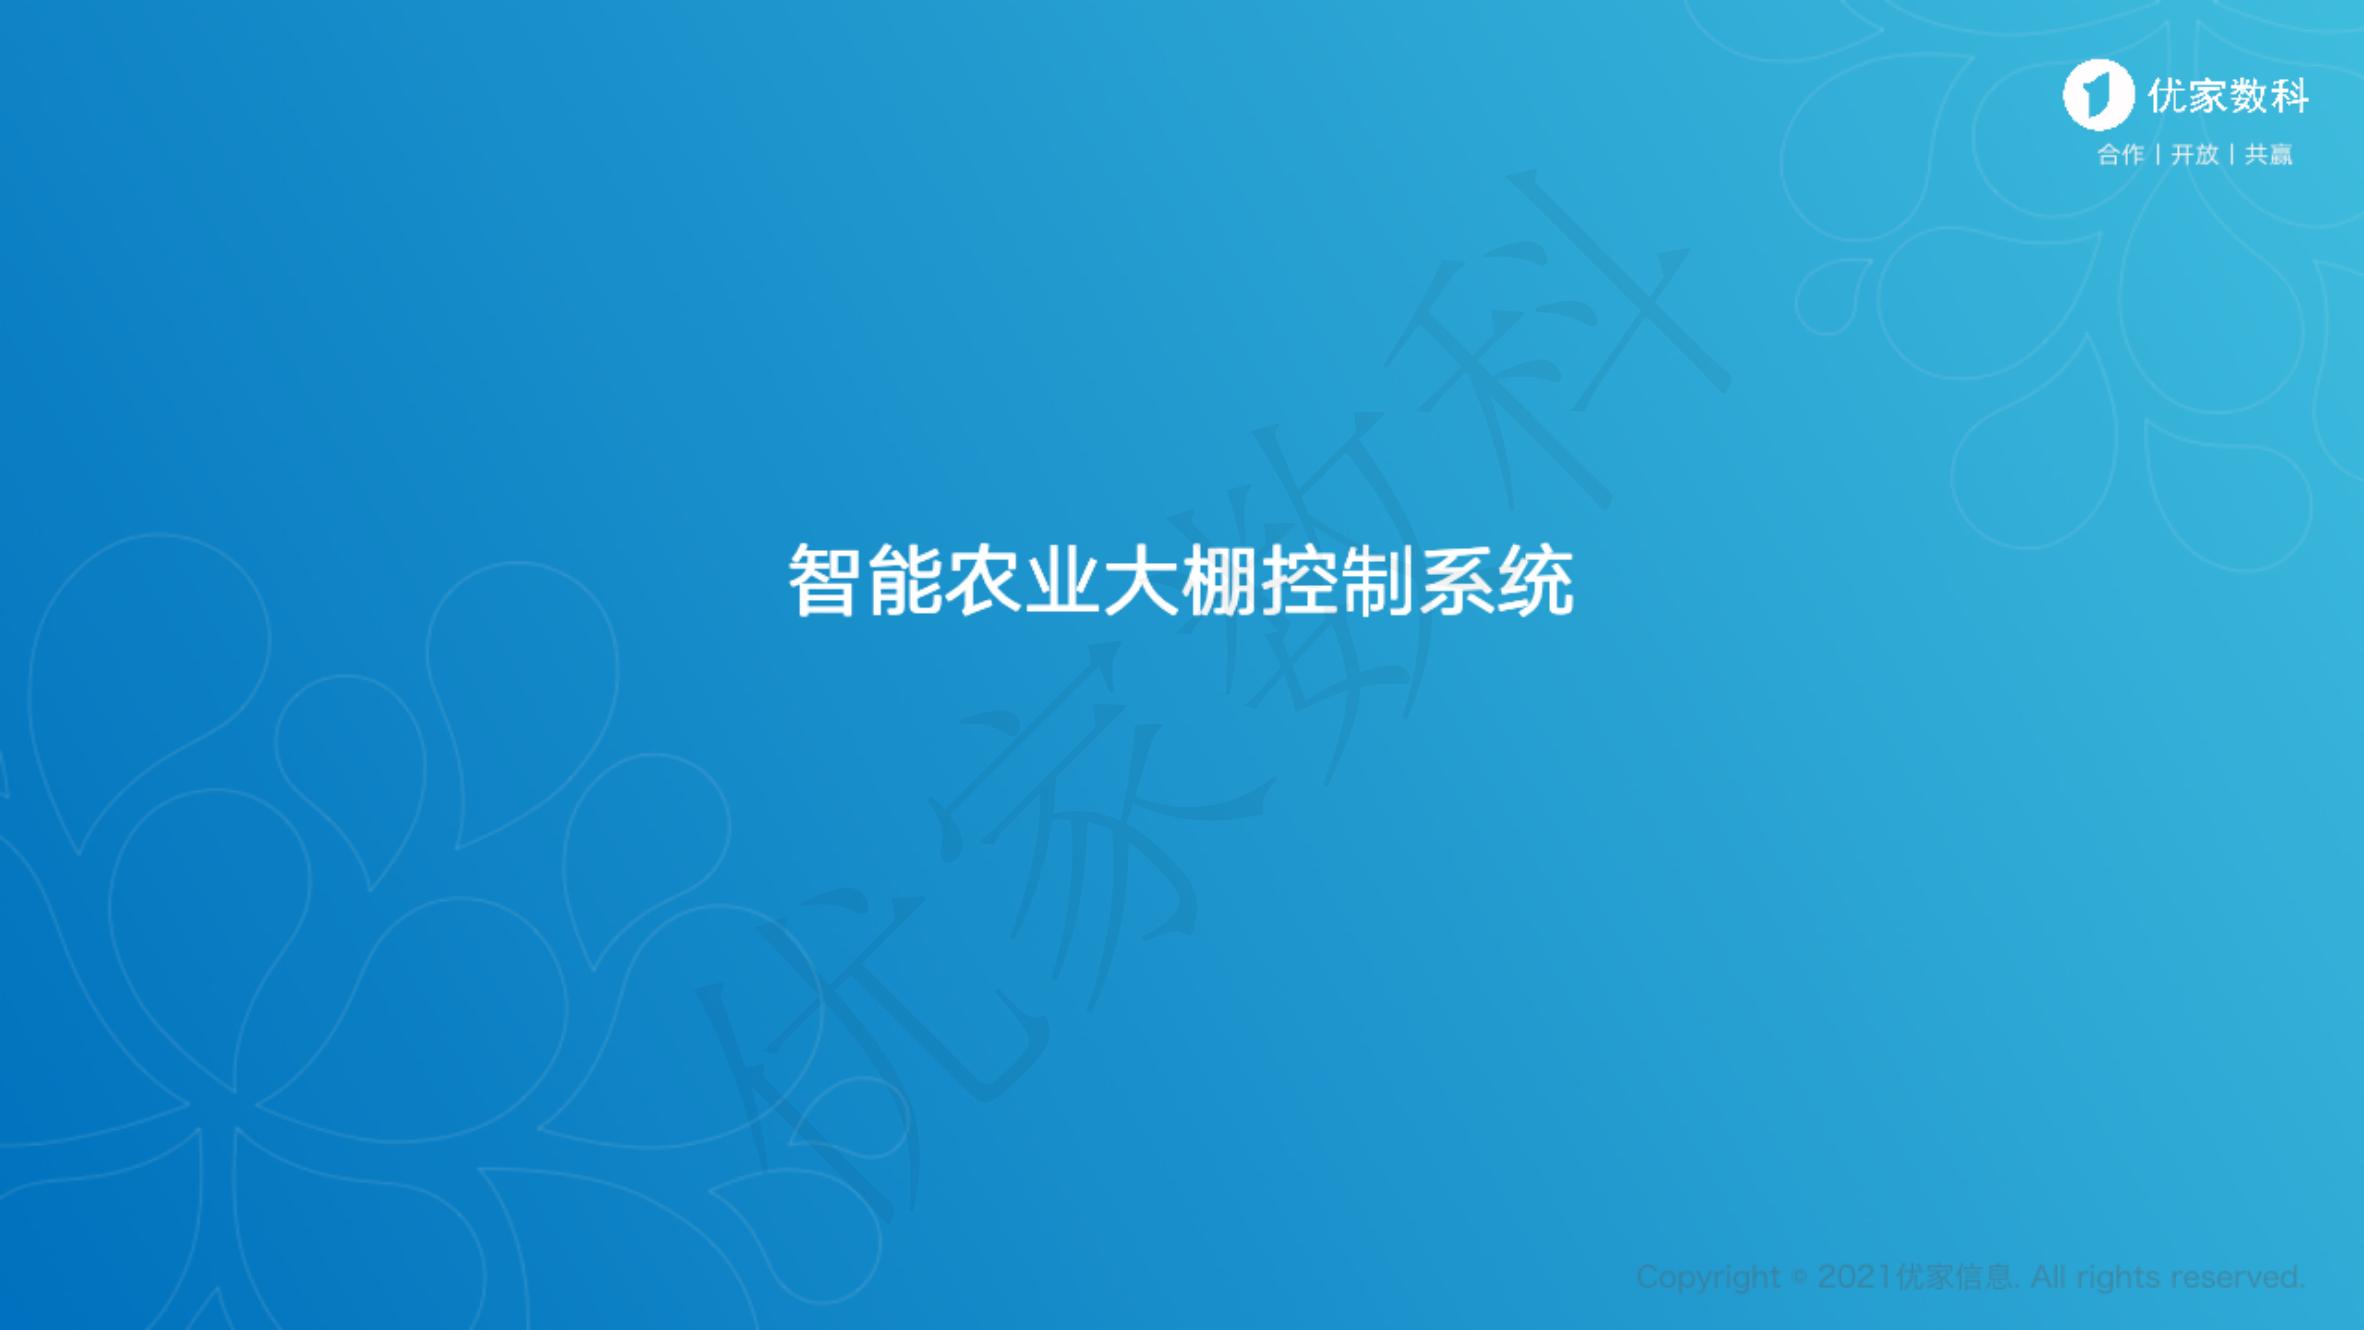 1优家数科智慧农业大棚管理系统(水印)_01.png